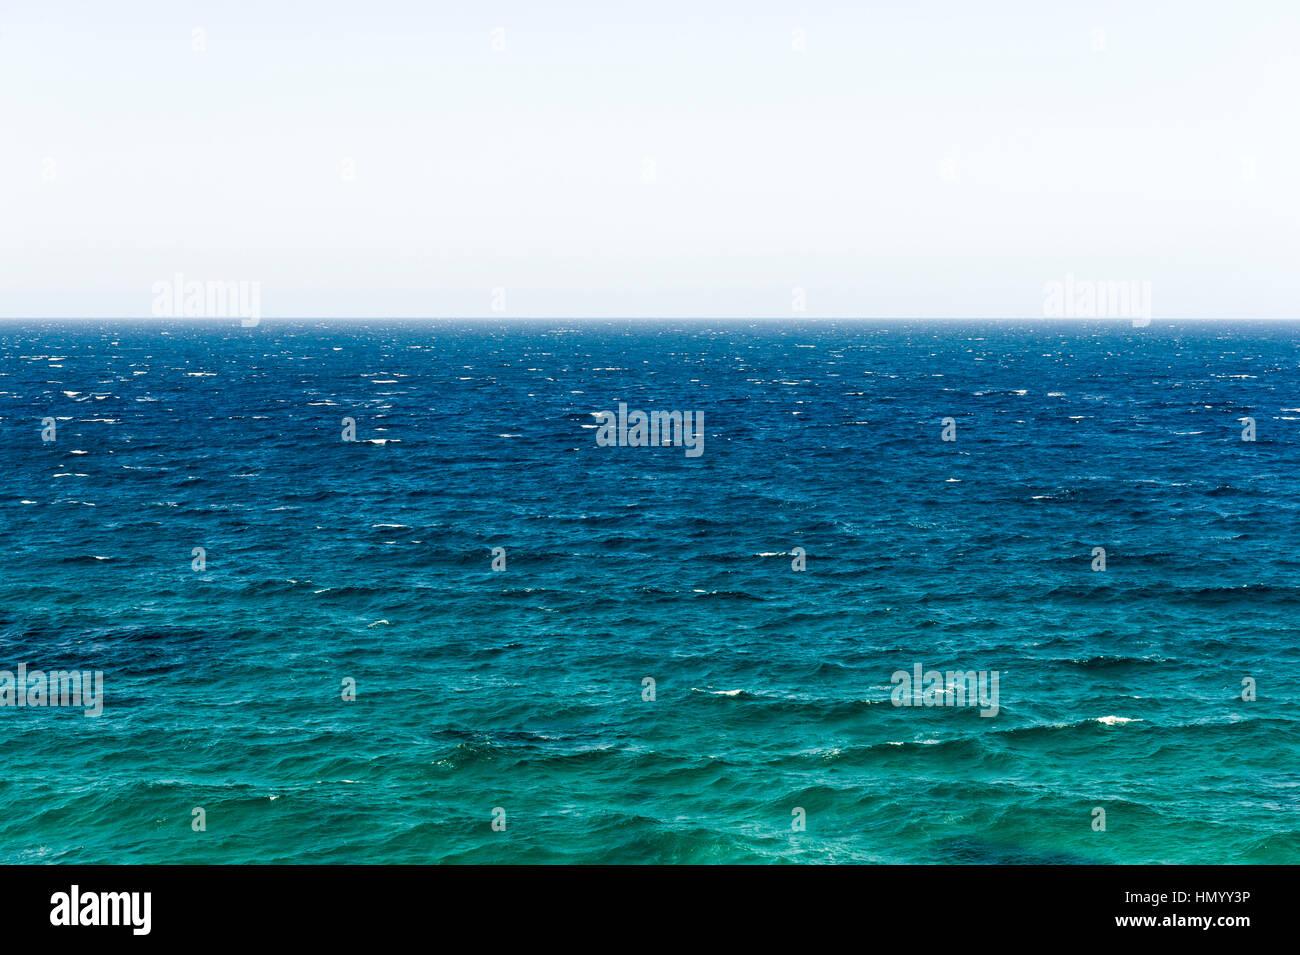 Die Wind-durchgebrannten Oberfläche und den Horizont des türkisfarbenen Ozeans. Stockbild